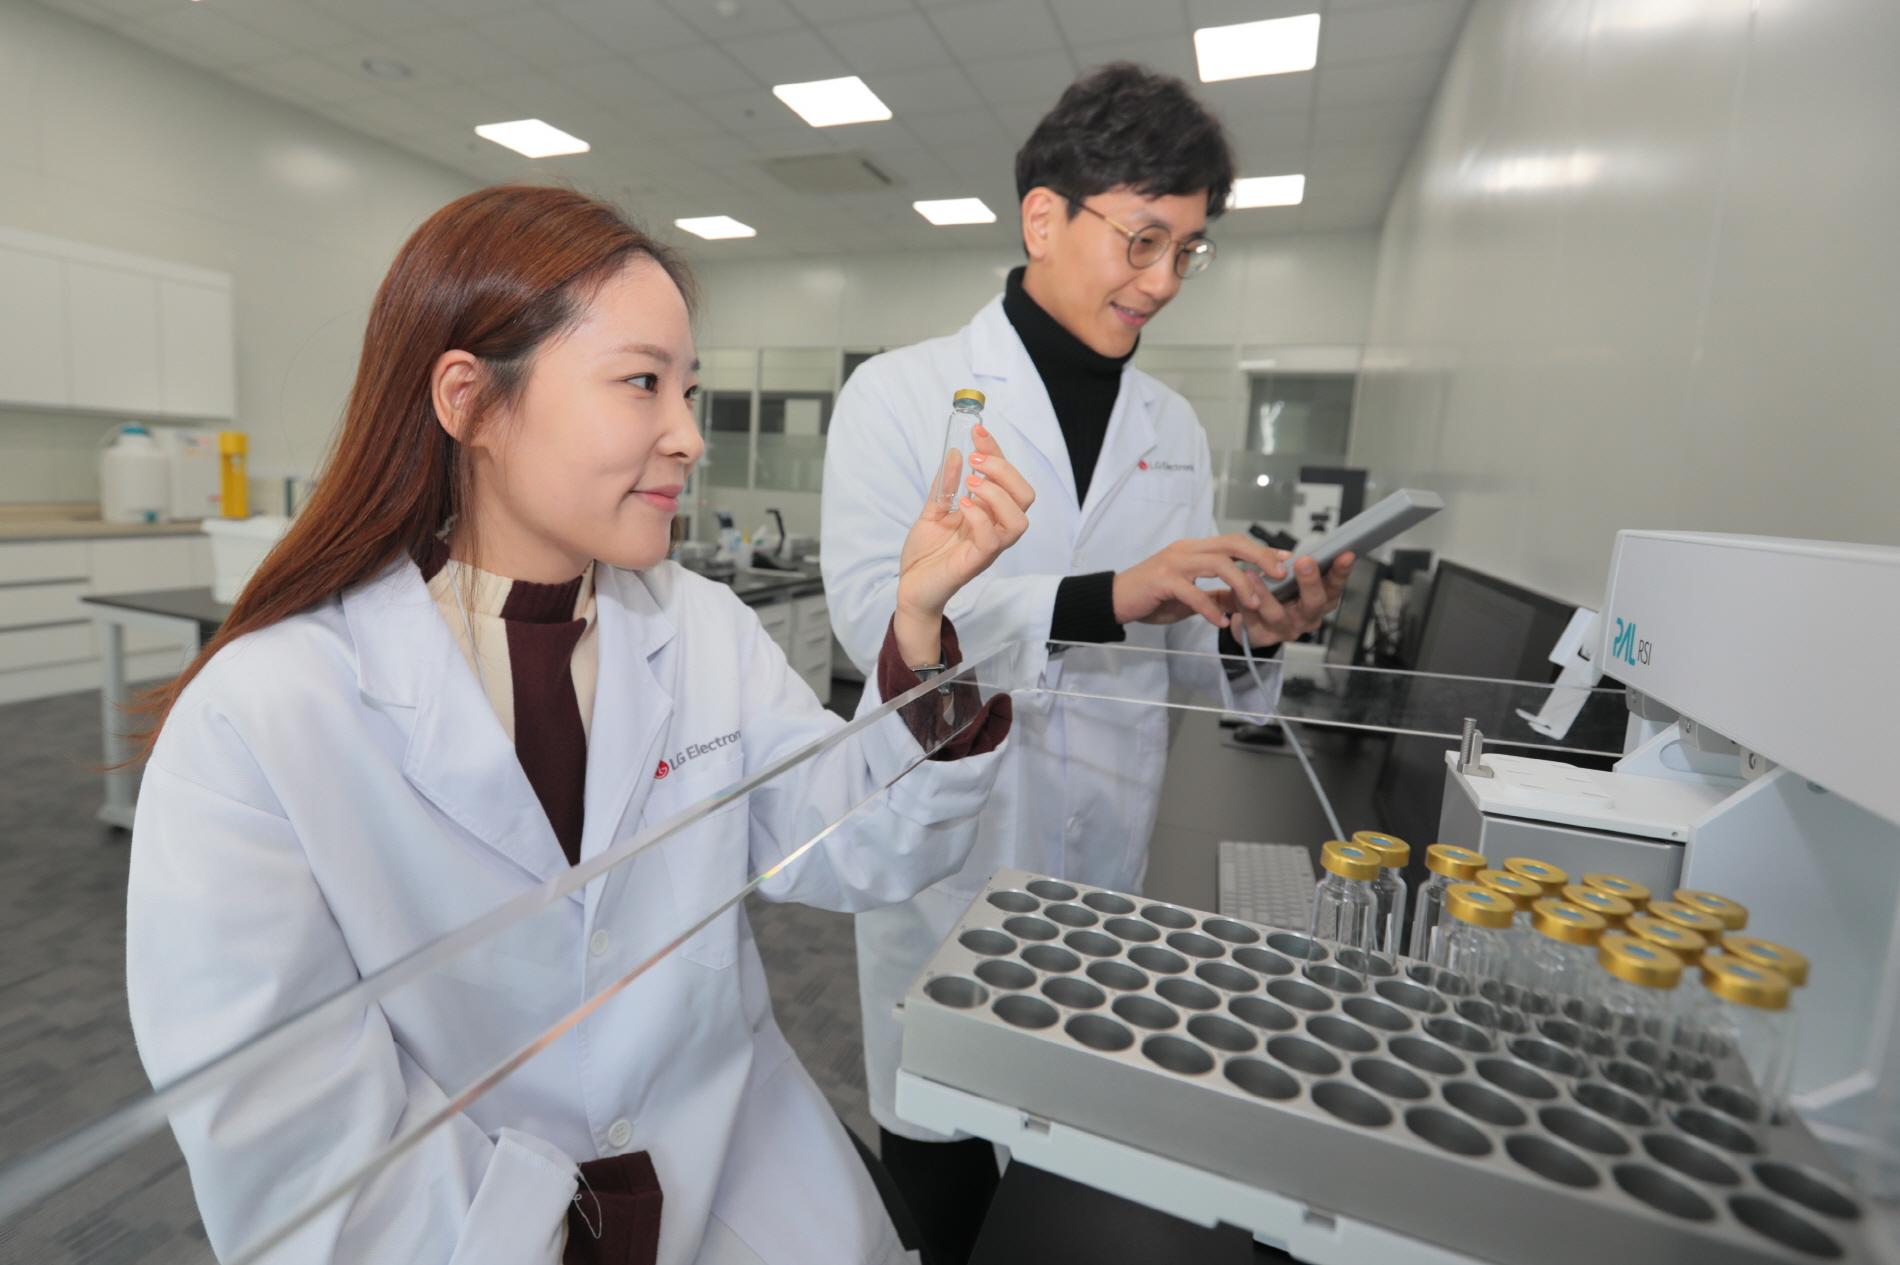 LG전자 식품과학연구소 연구원이 '전자 코' 장치로 식품의 보관에 따른 향의 변화를 화학적 성분 분석으로 측정하고 있다.